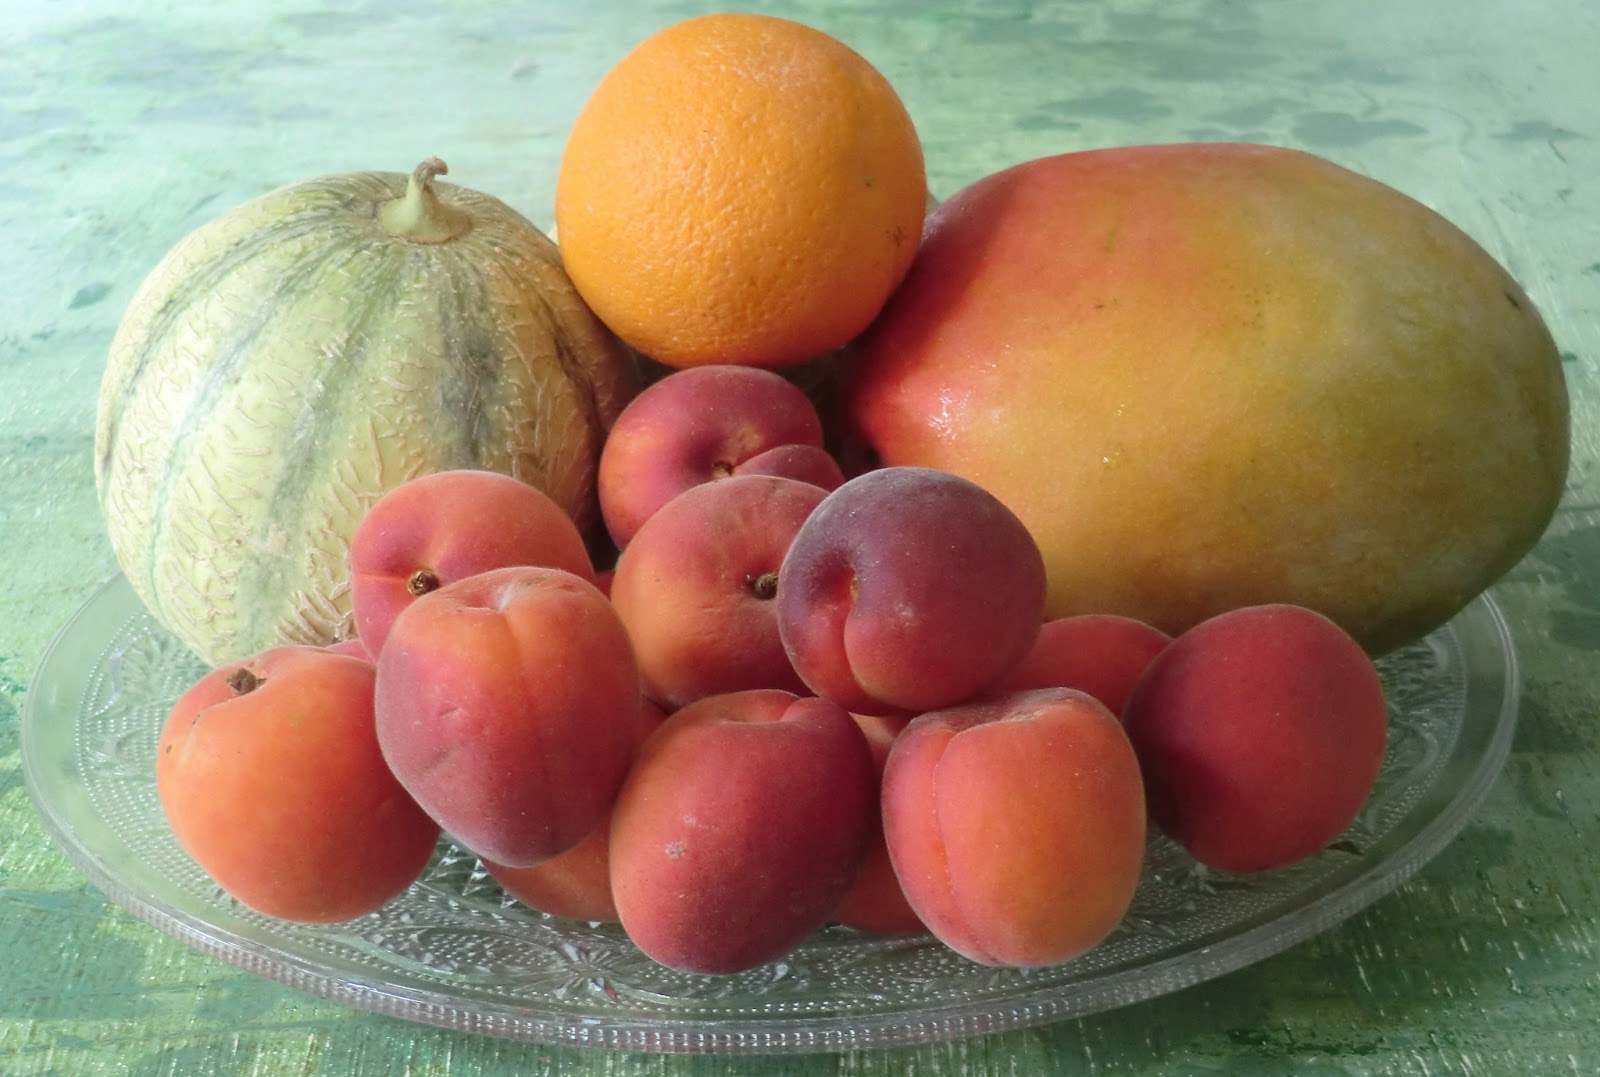 les petites recettes de l u0026 39  u00e9t u00e9 du blog   le temps des salades - salade aux fruits d u0026 39  u00e9t u00e9